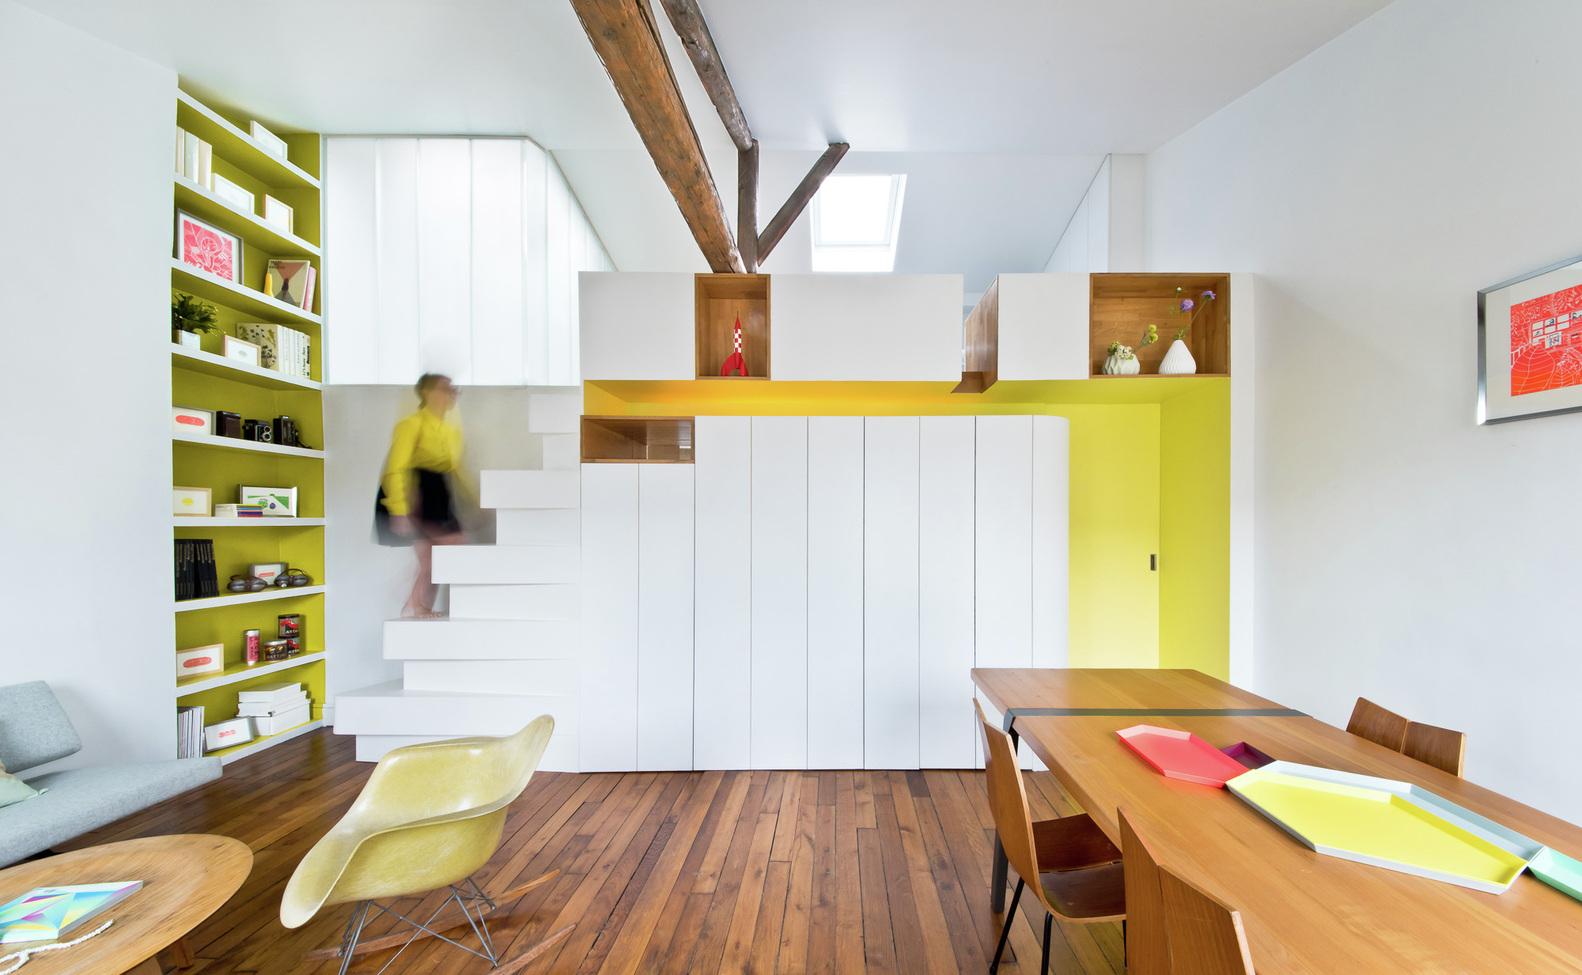 Функциональная стена в интерьере маленькой квартиры